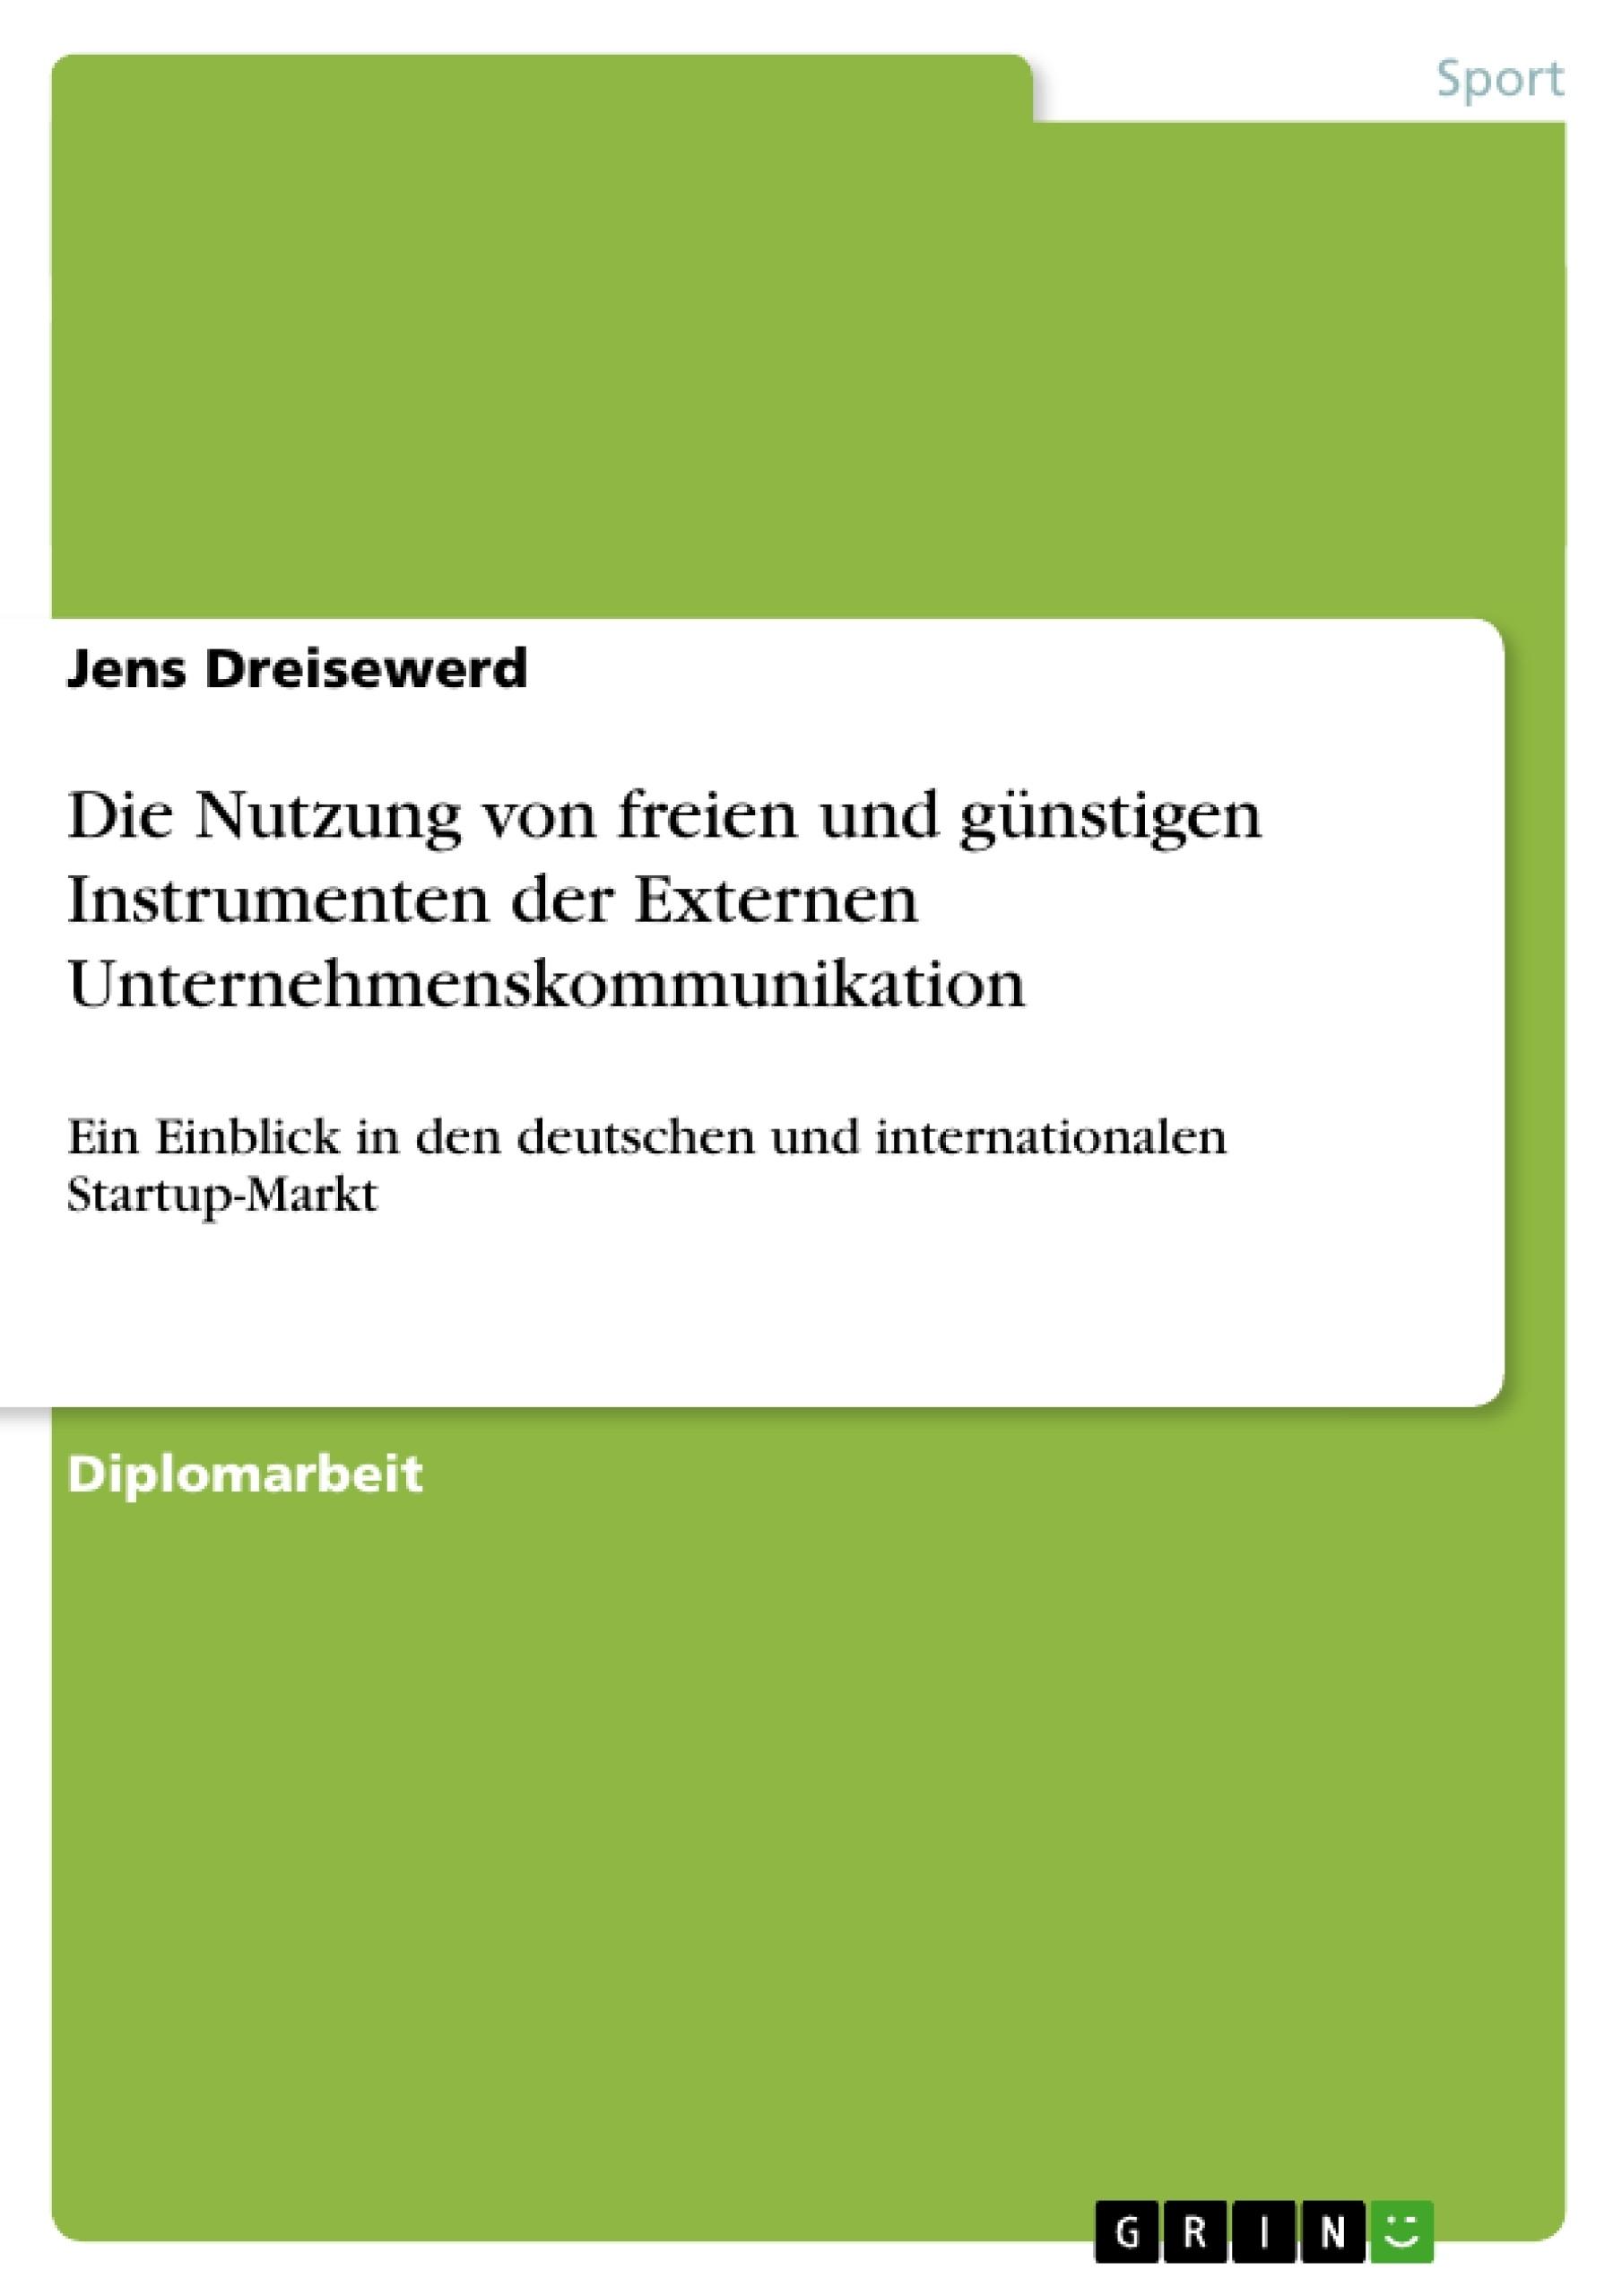 Titel: Die Nutzung von freien und günstigen Instrumenten der Externen Unternehmenskommunikation